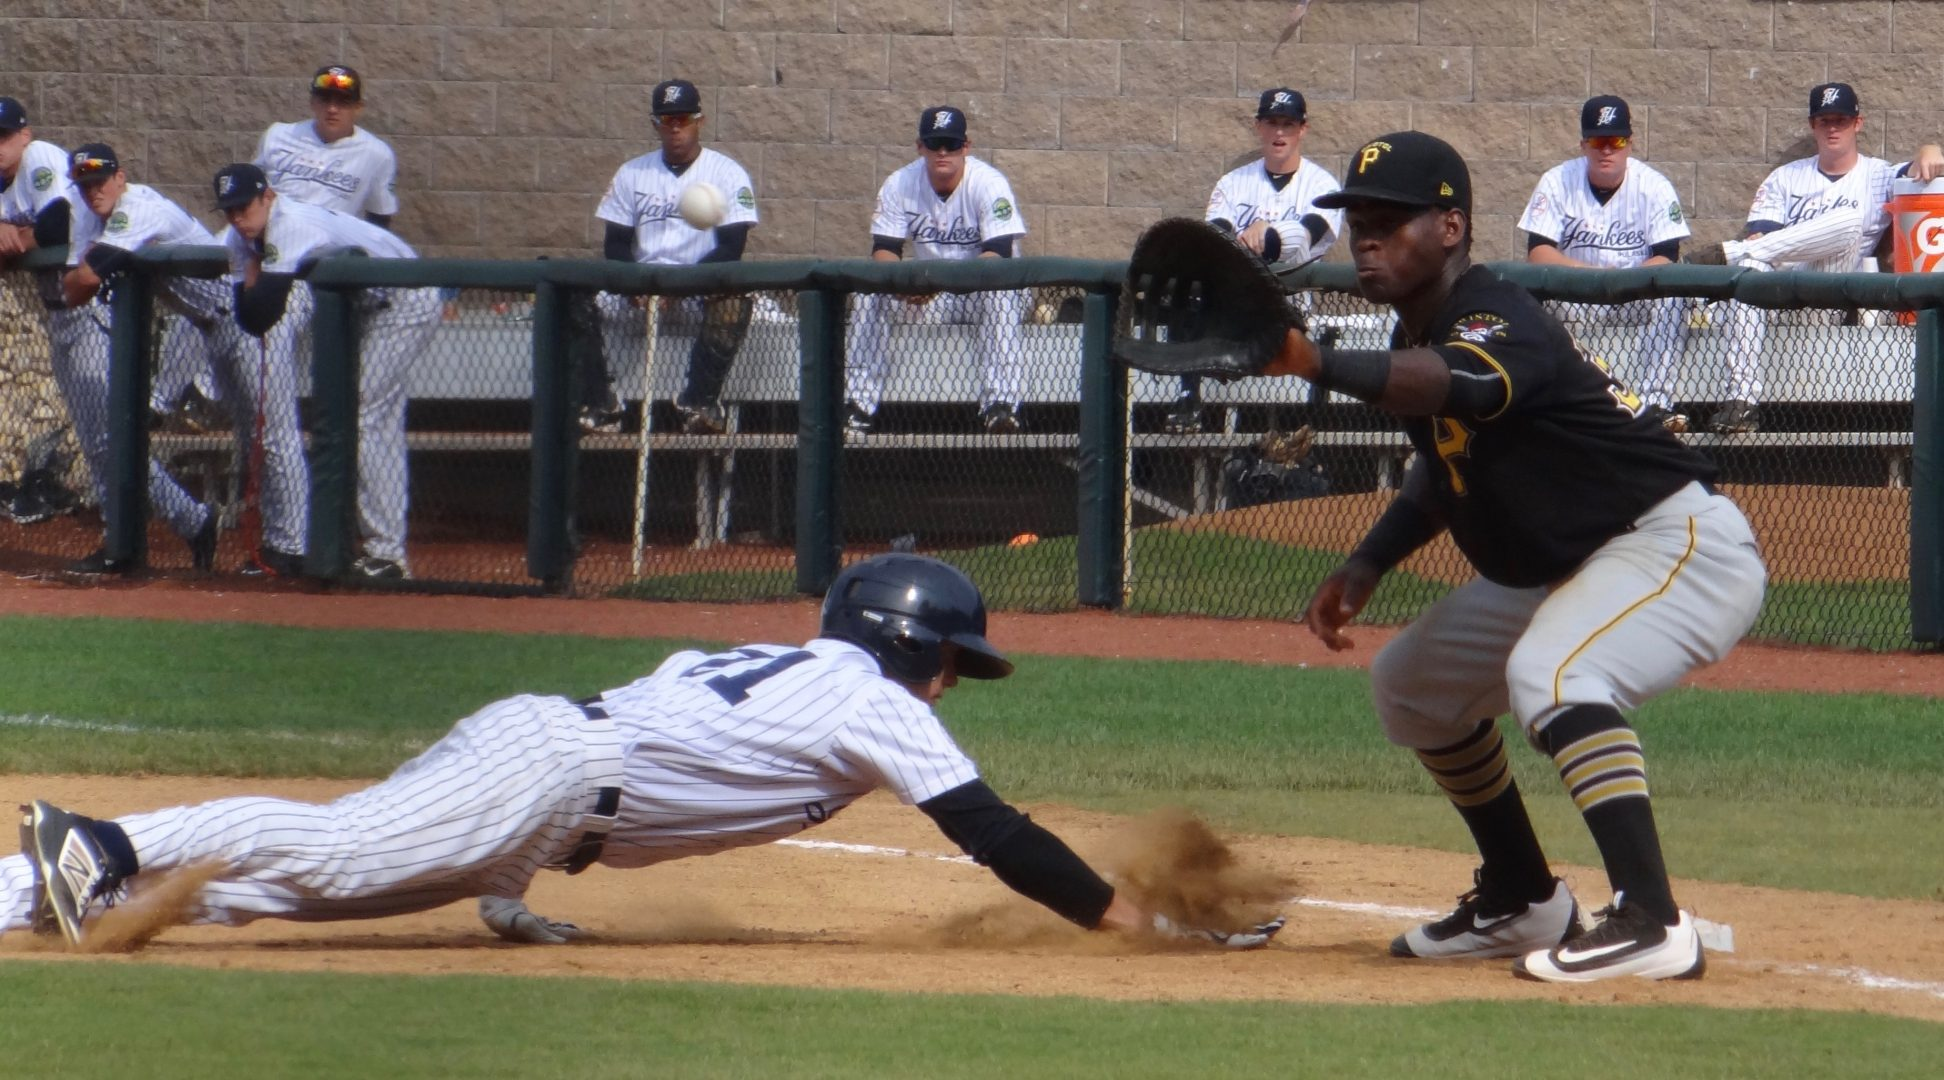 Ben Ruta diving back to first base. (Jarah Wright)